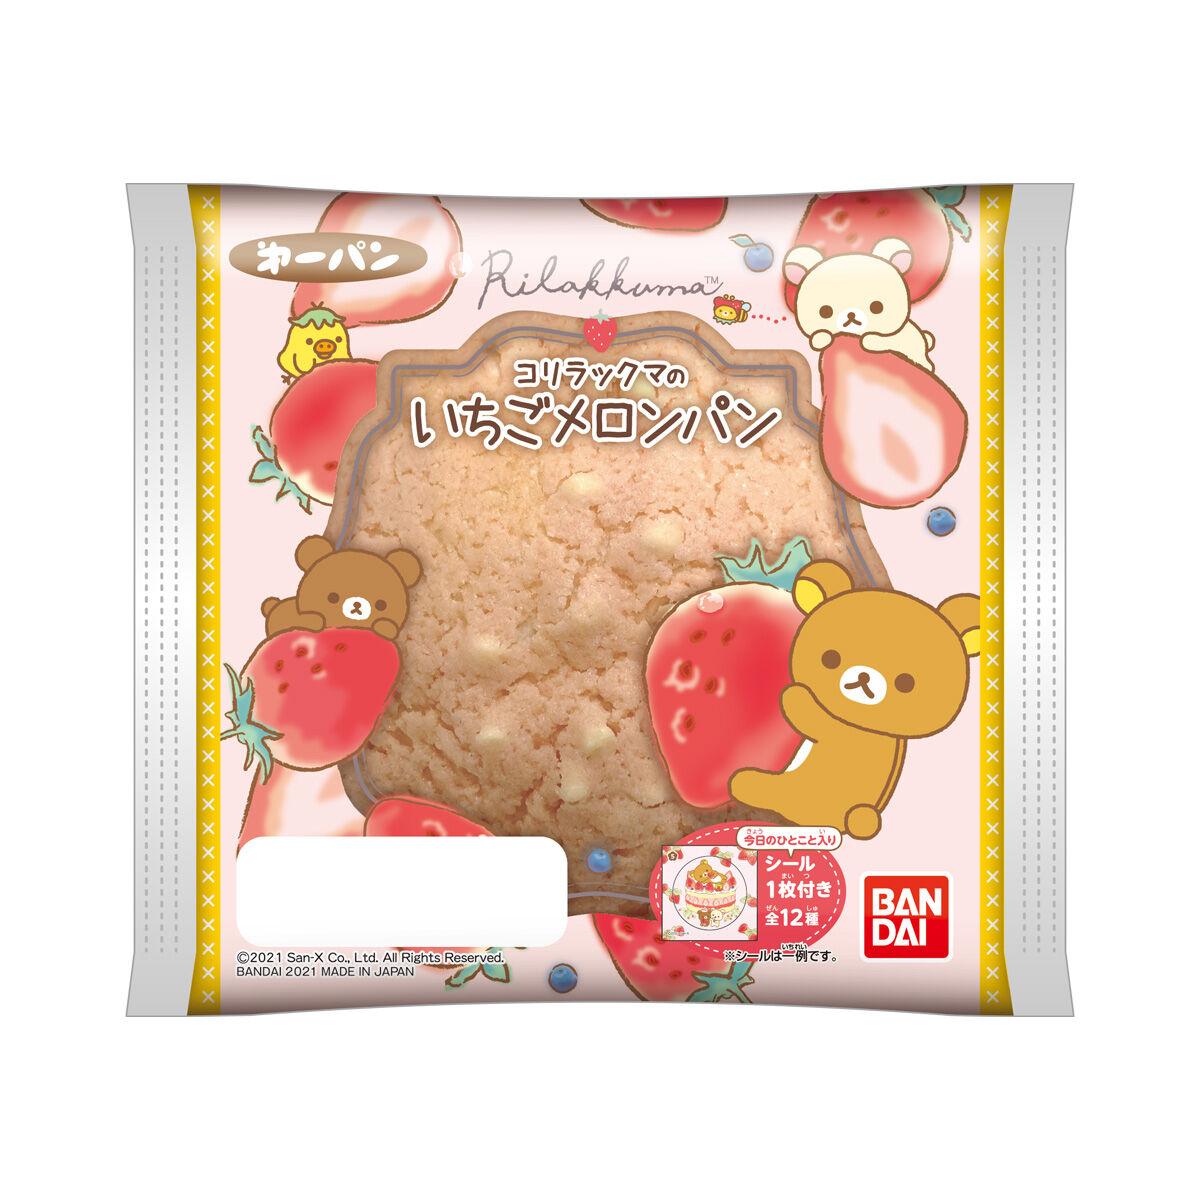 コリラックマのいちごメロンパン_0